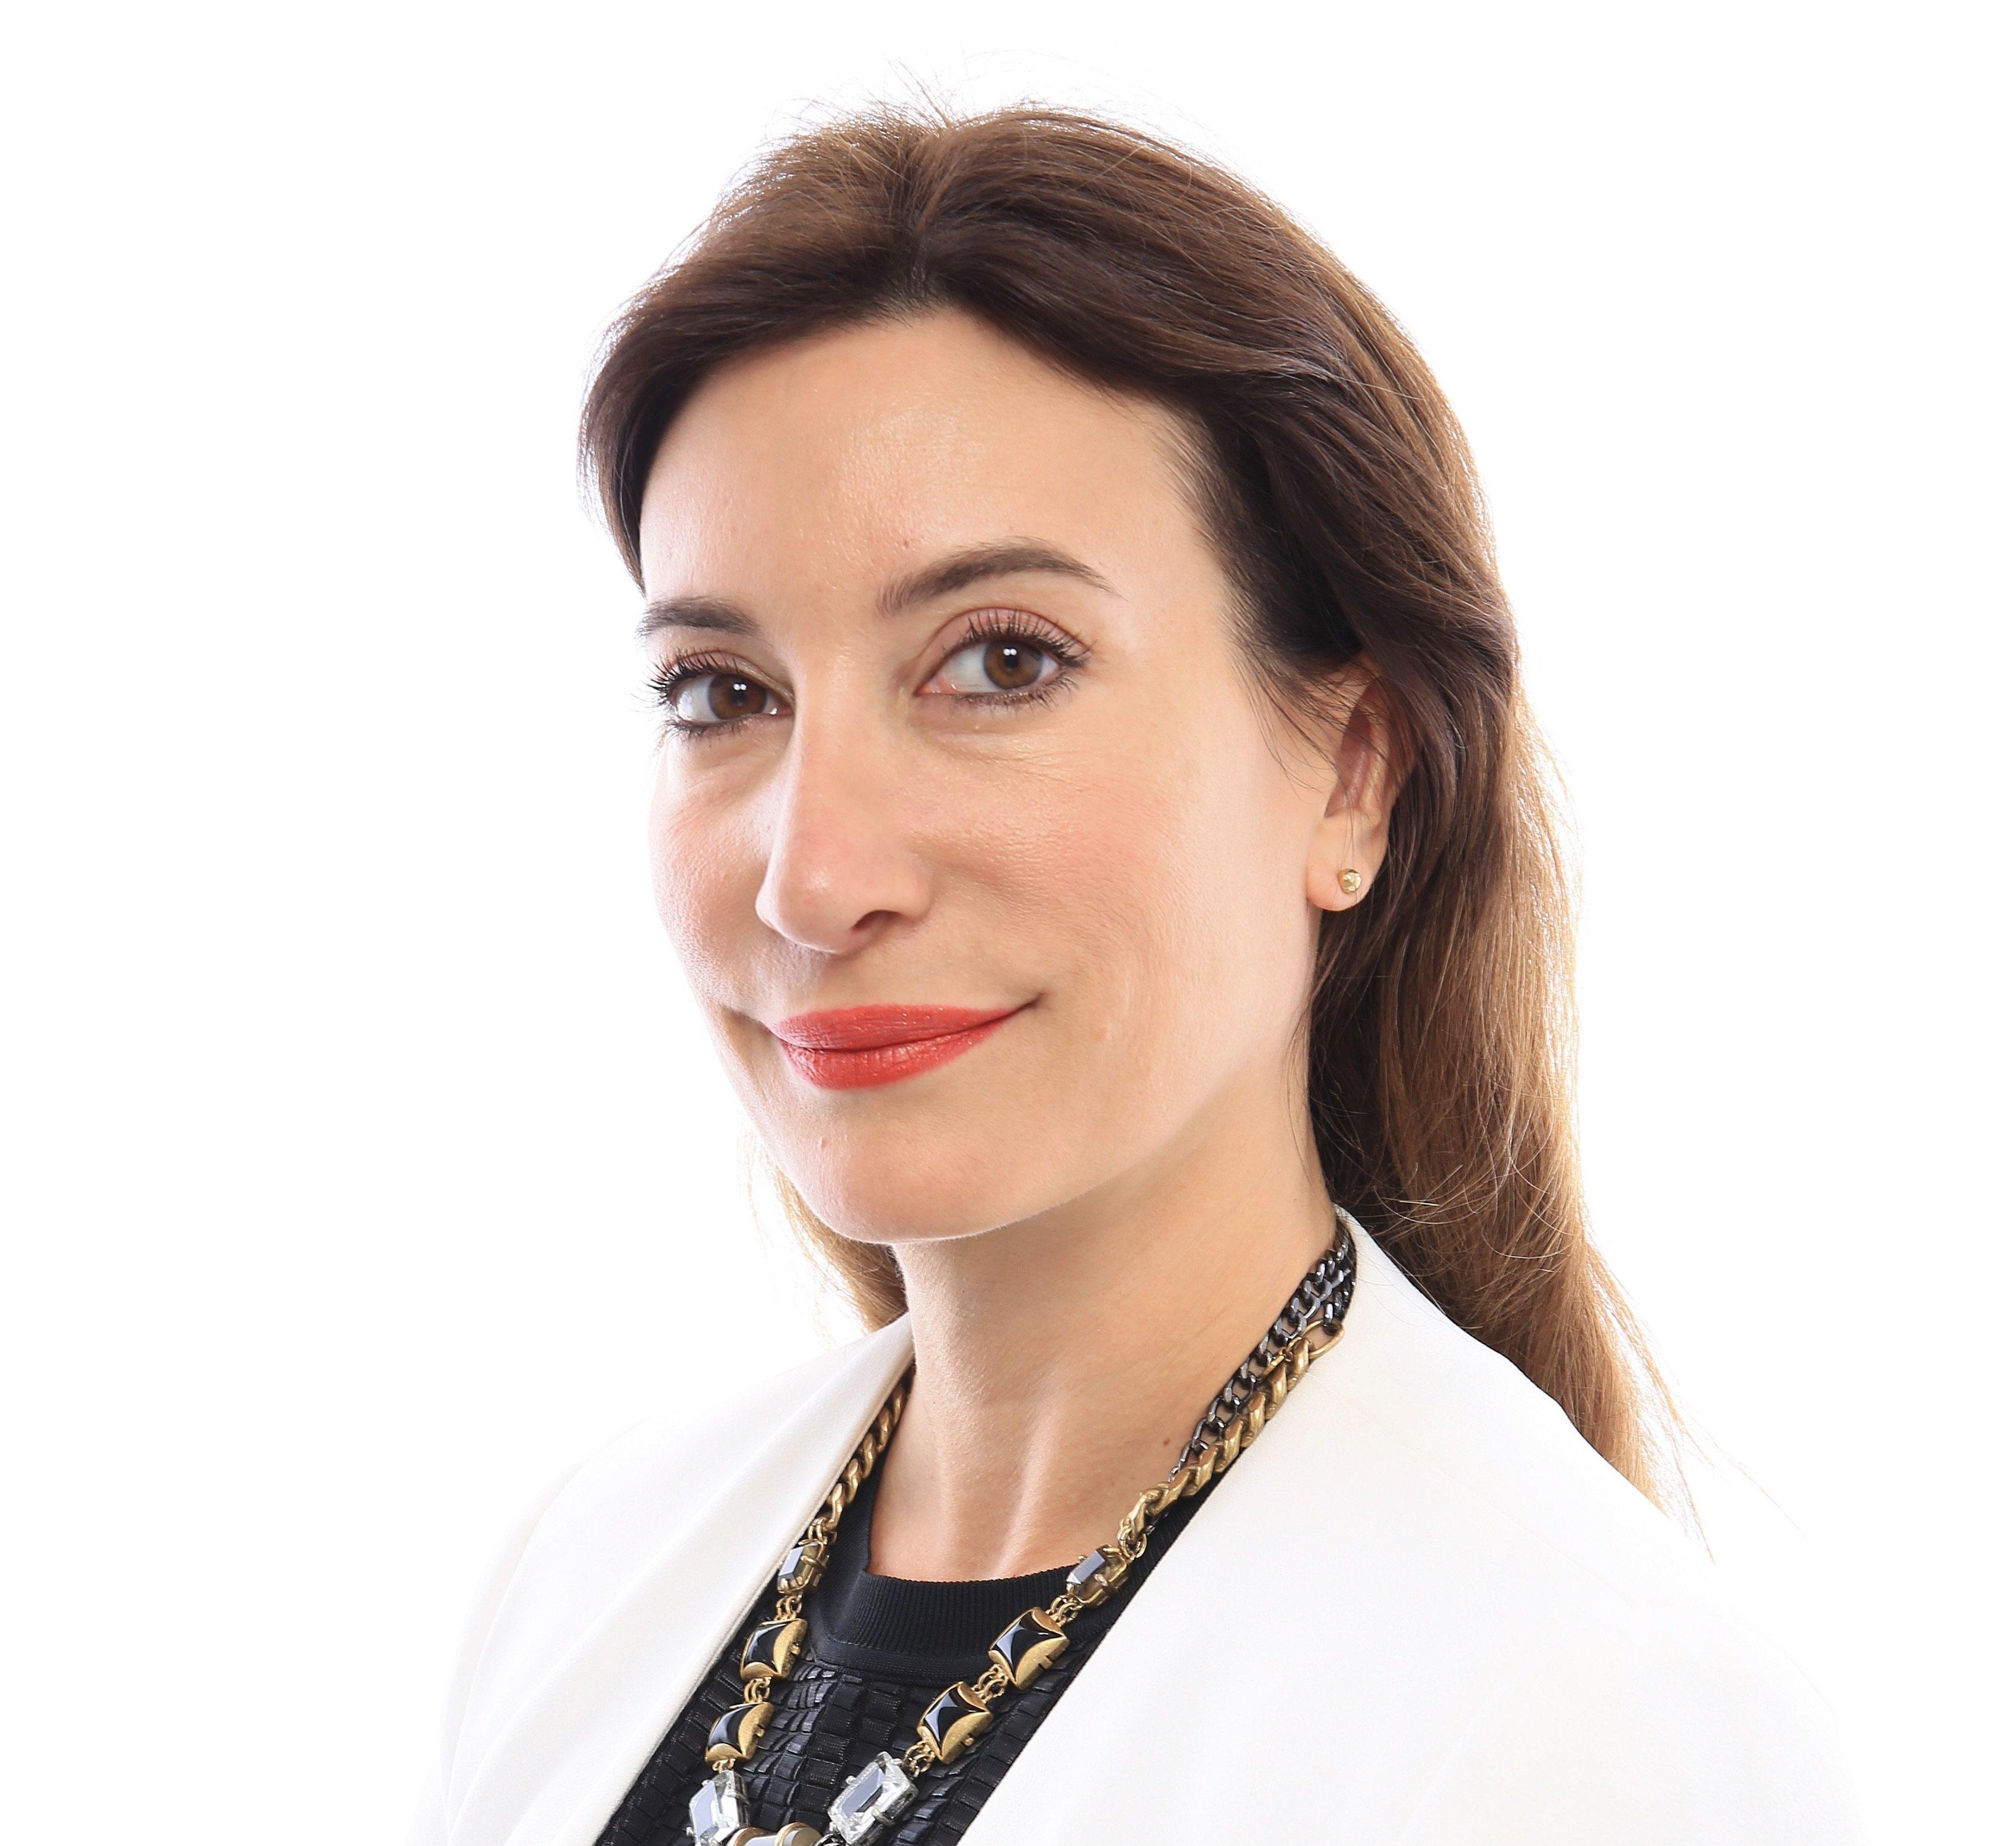 Emine ErSelcuk, SVP of merchandising at Ipsy